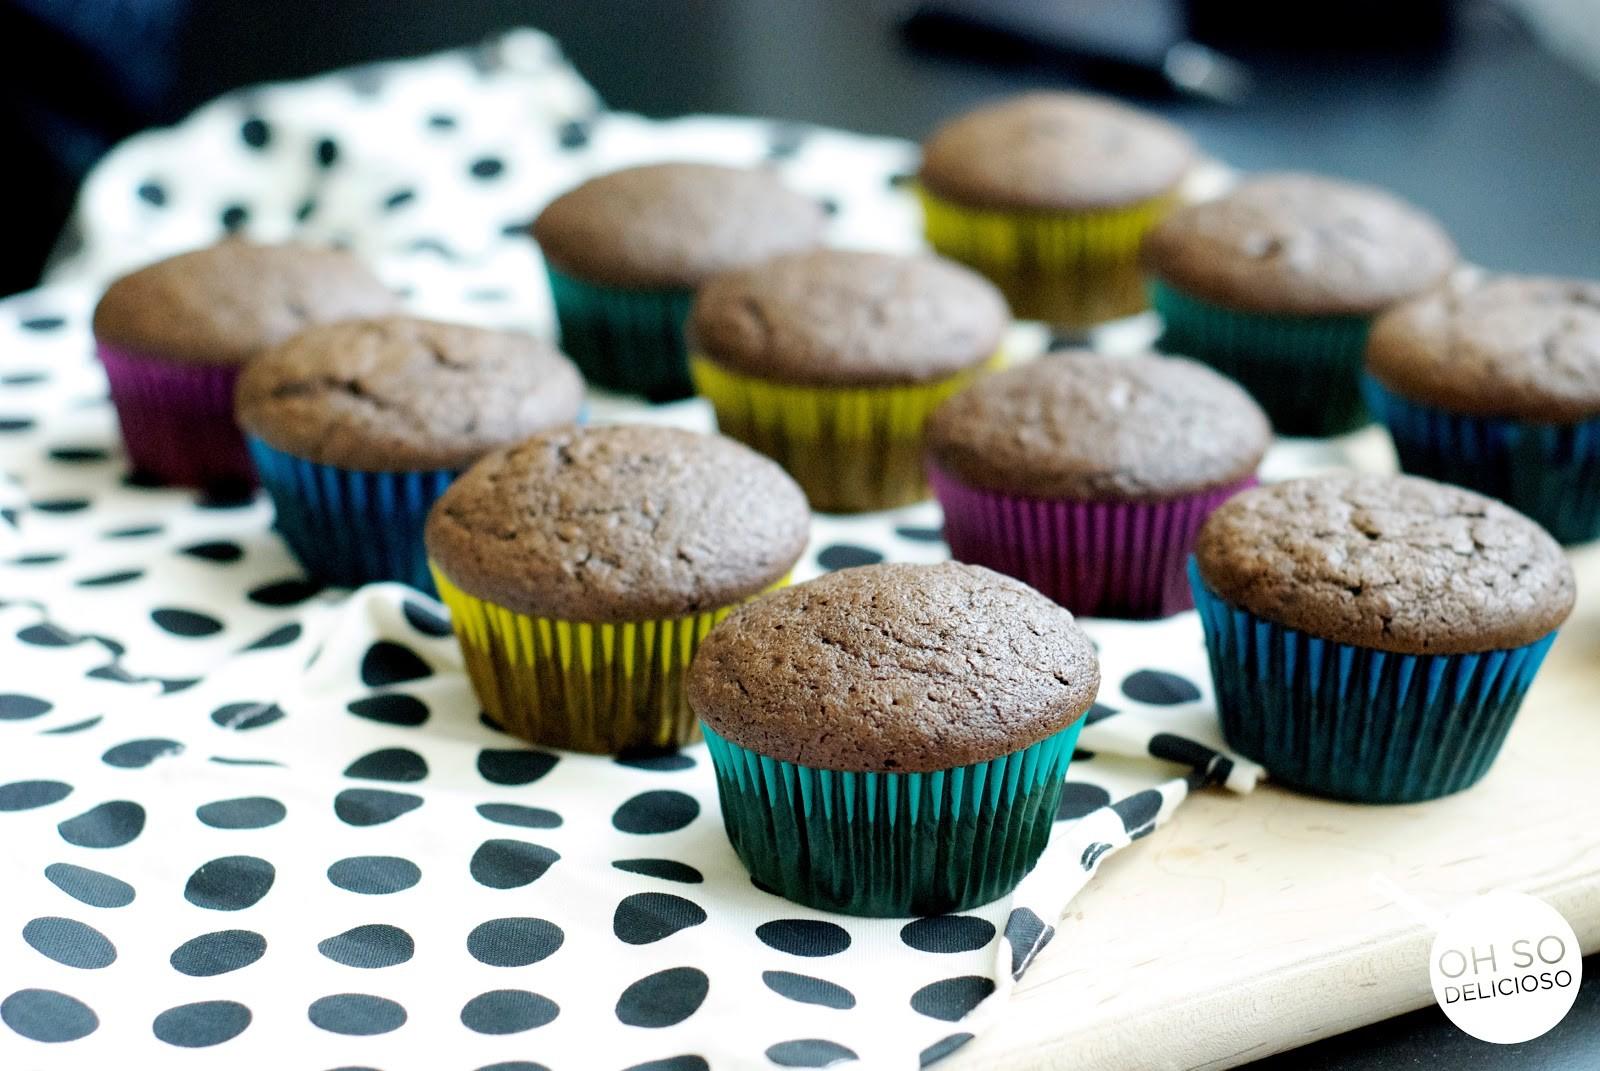 Homemade, no-fail, Chocolate Cupcakes - Oh So Delicioso